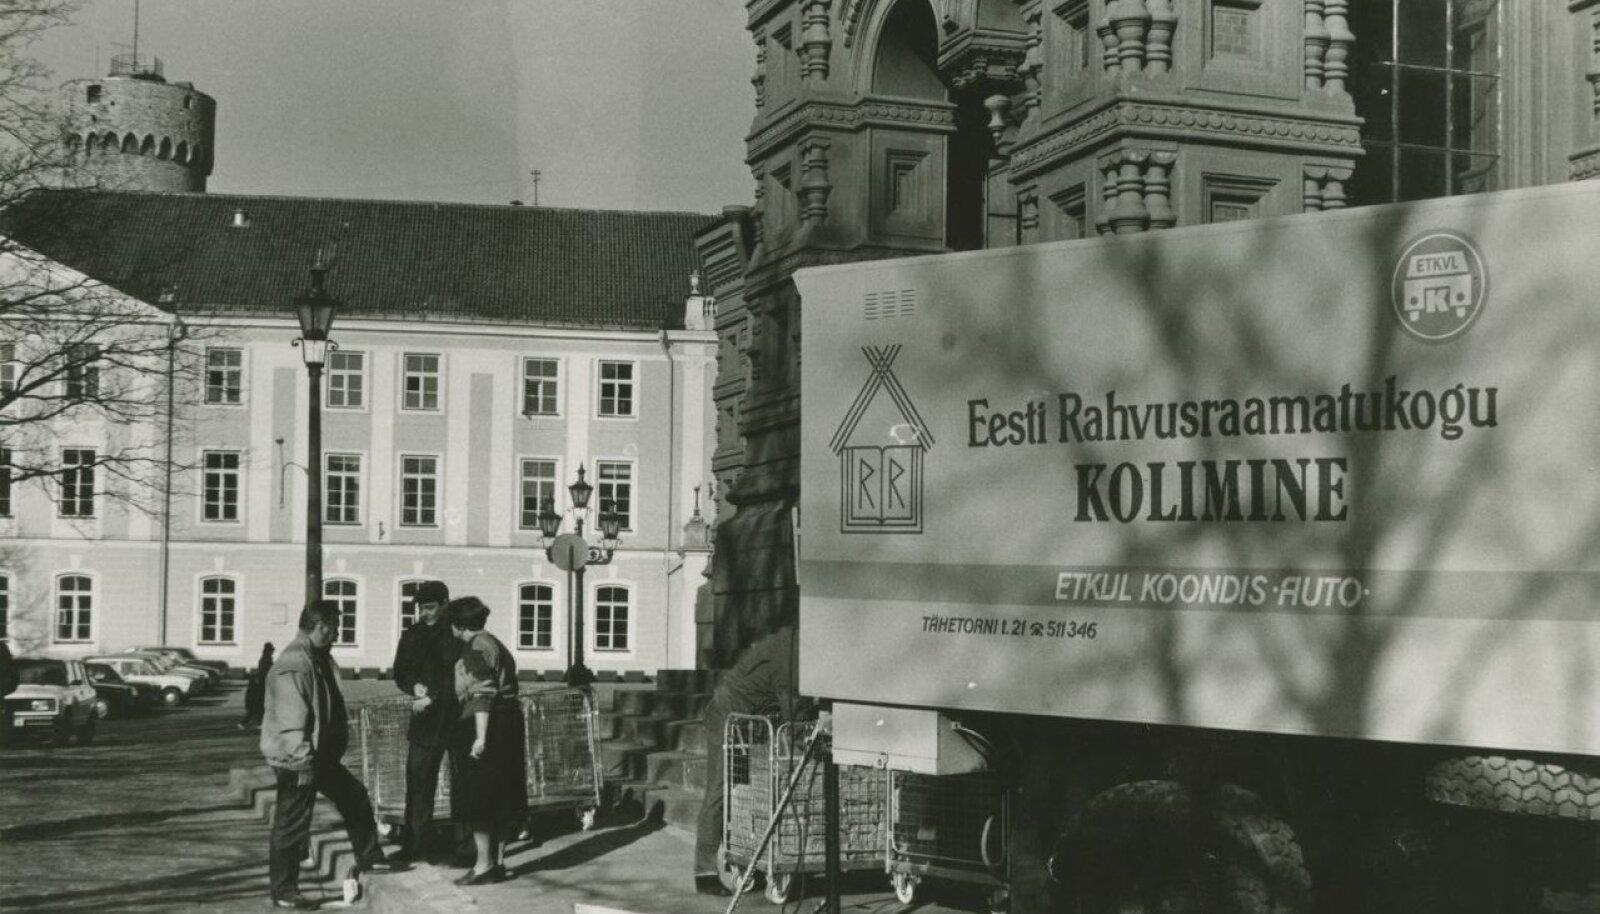 Rahvusraamatukogu kolimine Tõnismäele